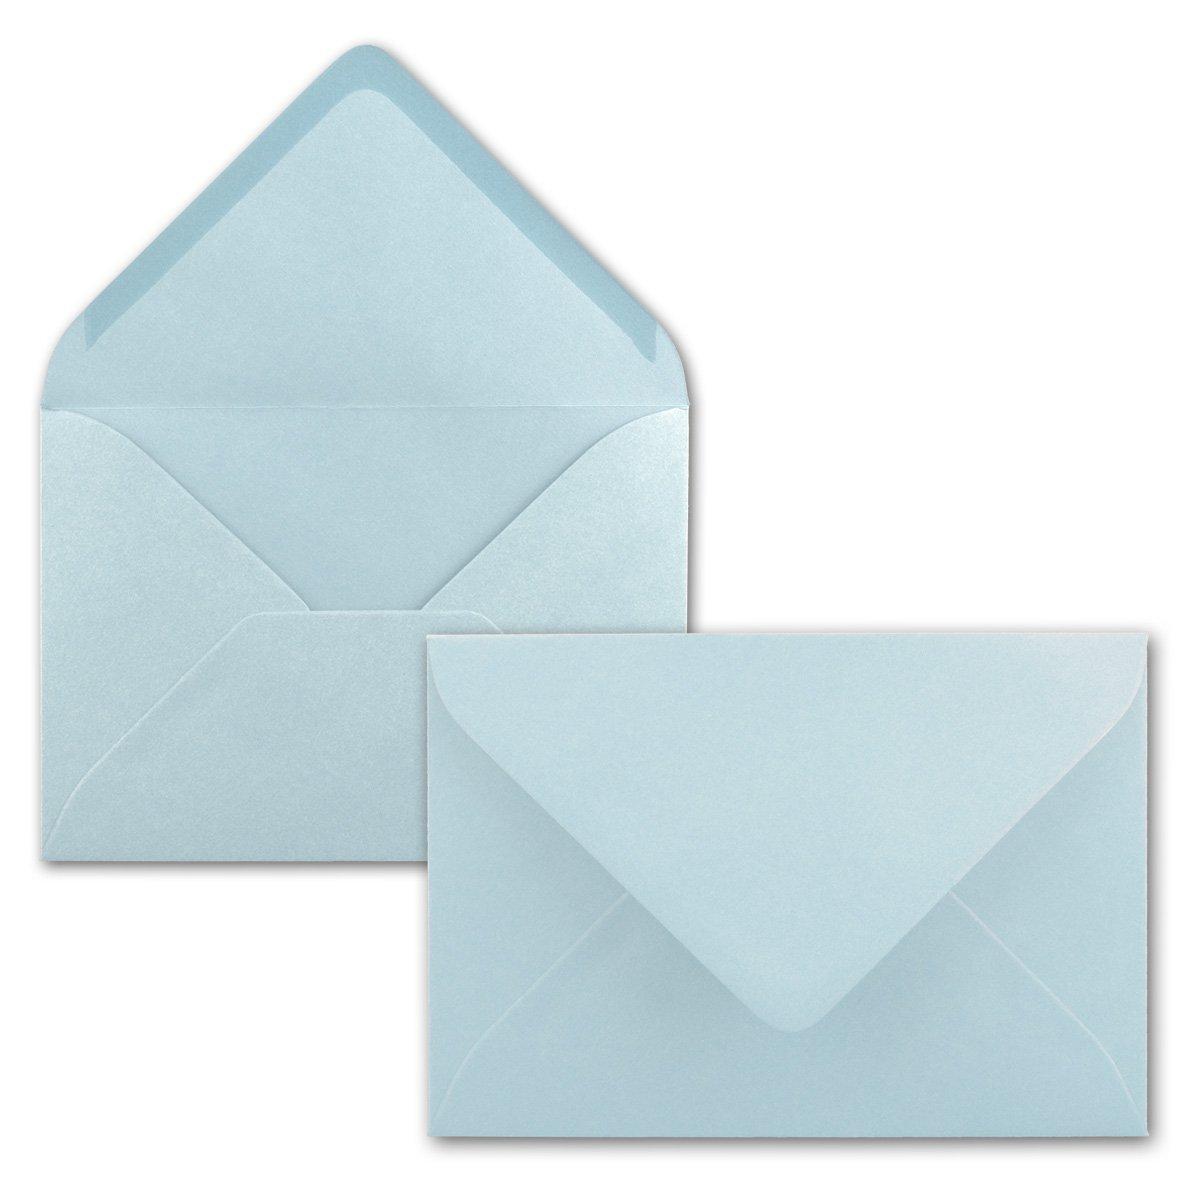 chiusura adesiva da inumidire 75 Umschl/äge 19-Hellblau formato C6 dimensioni/162 x 114/mm Neuser buste per lettere